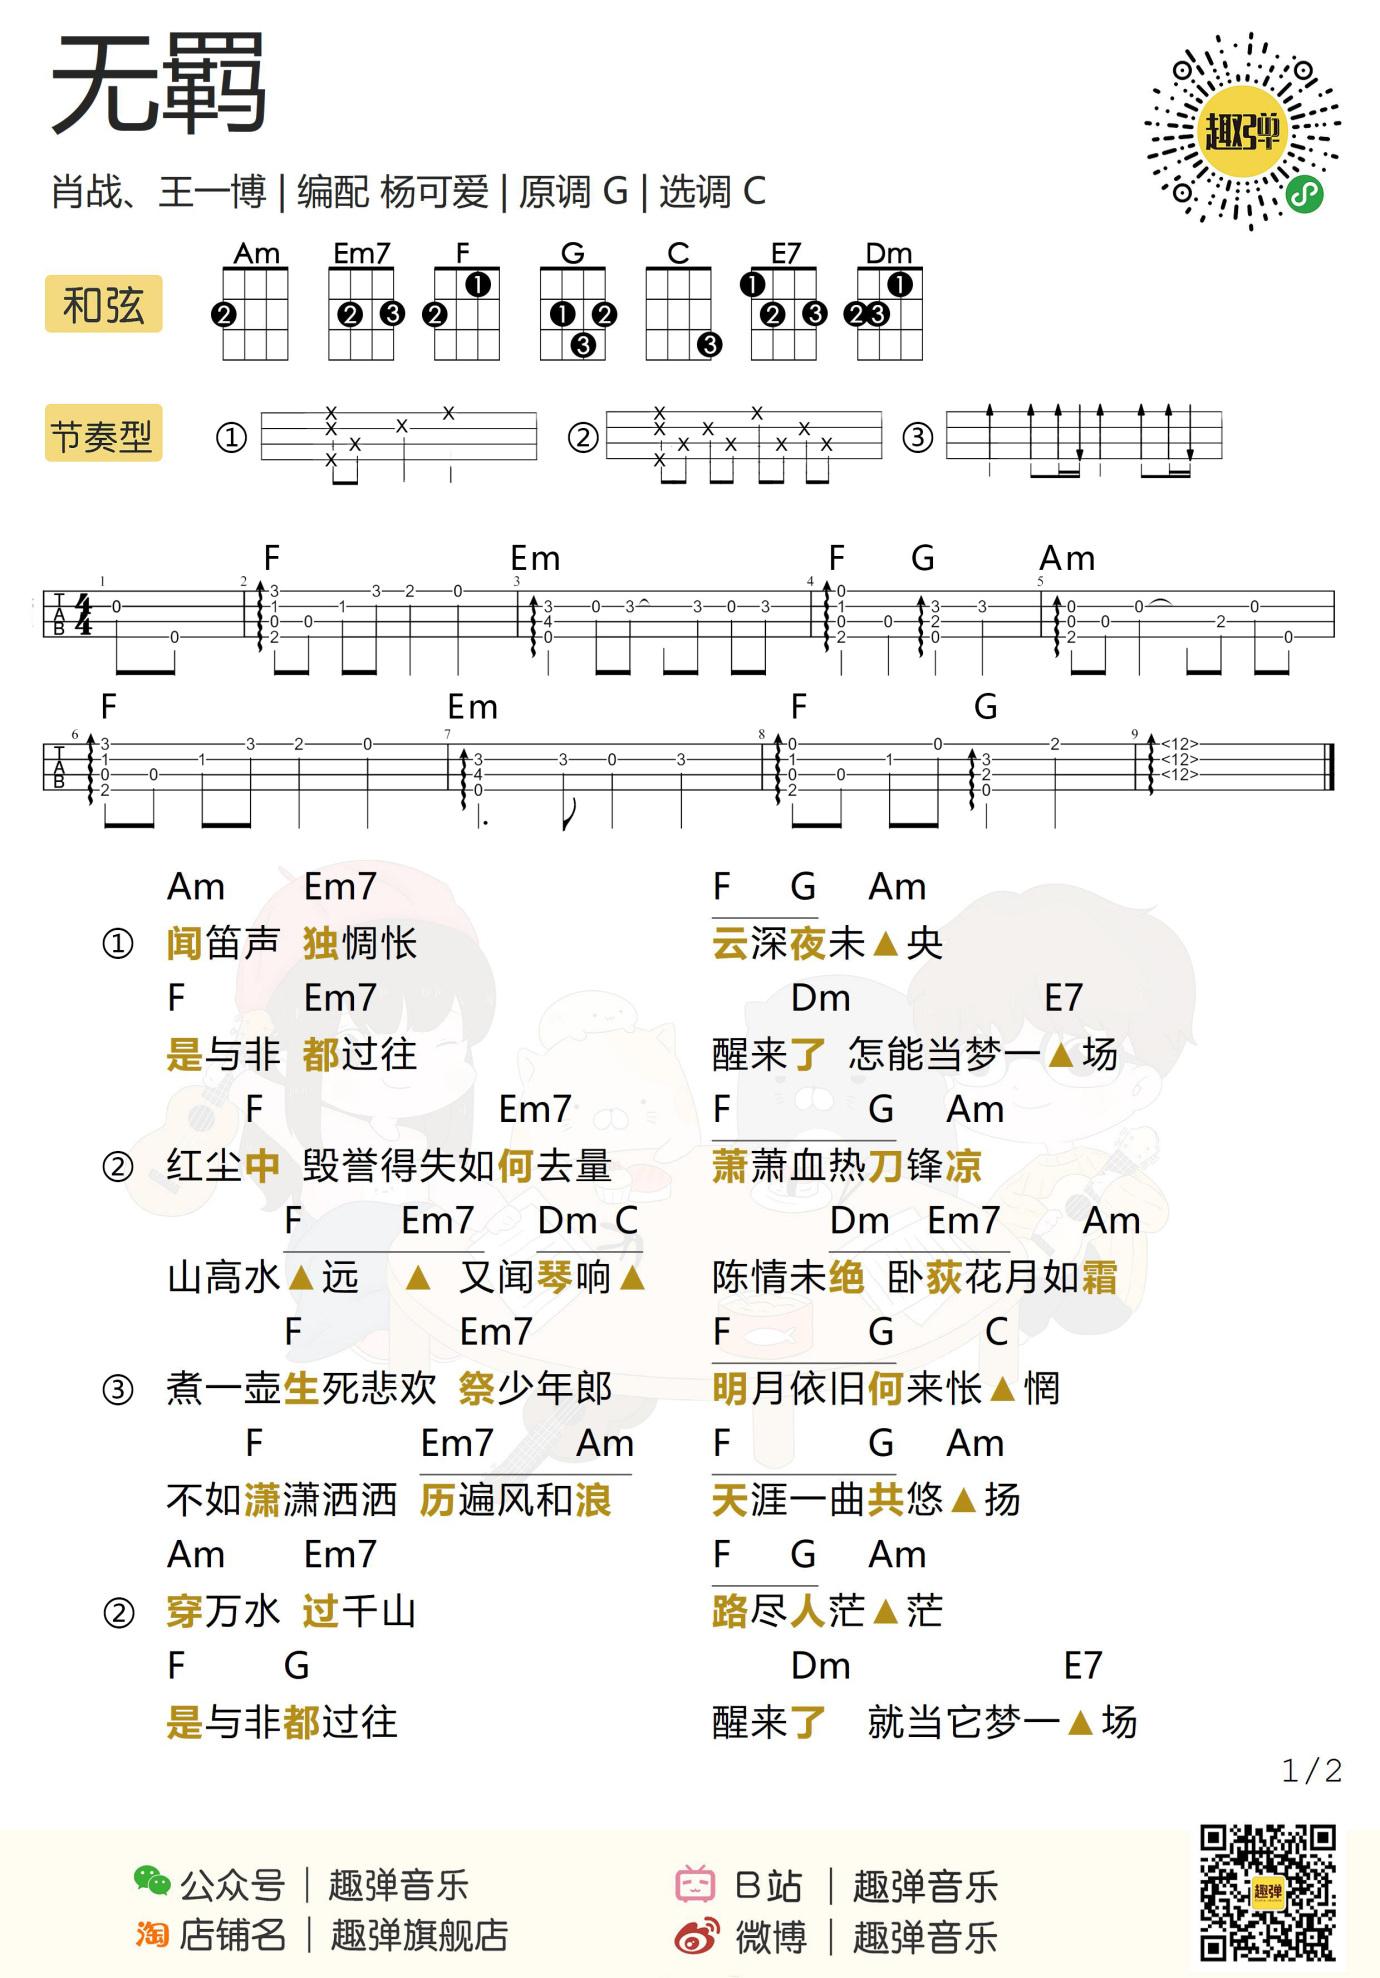 《无羁》尤克里里弹唱谱-1